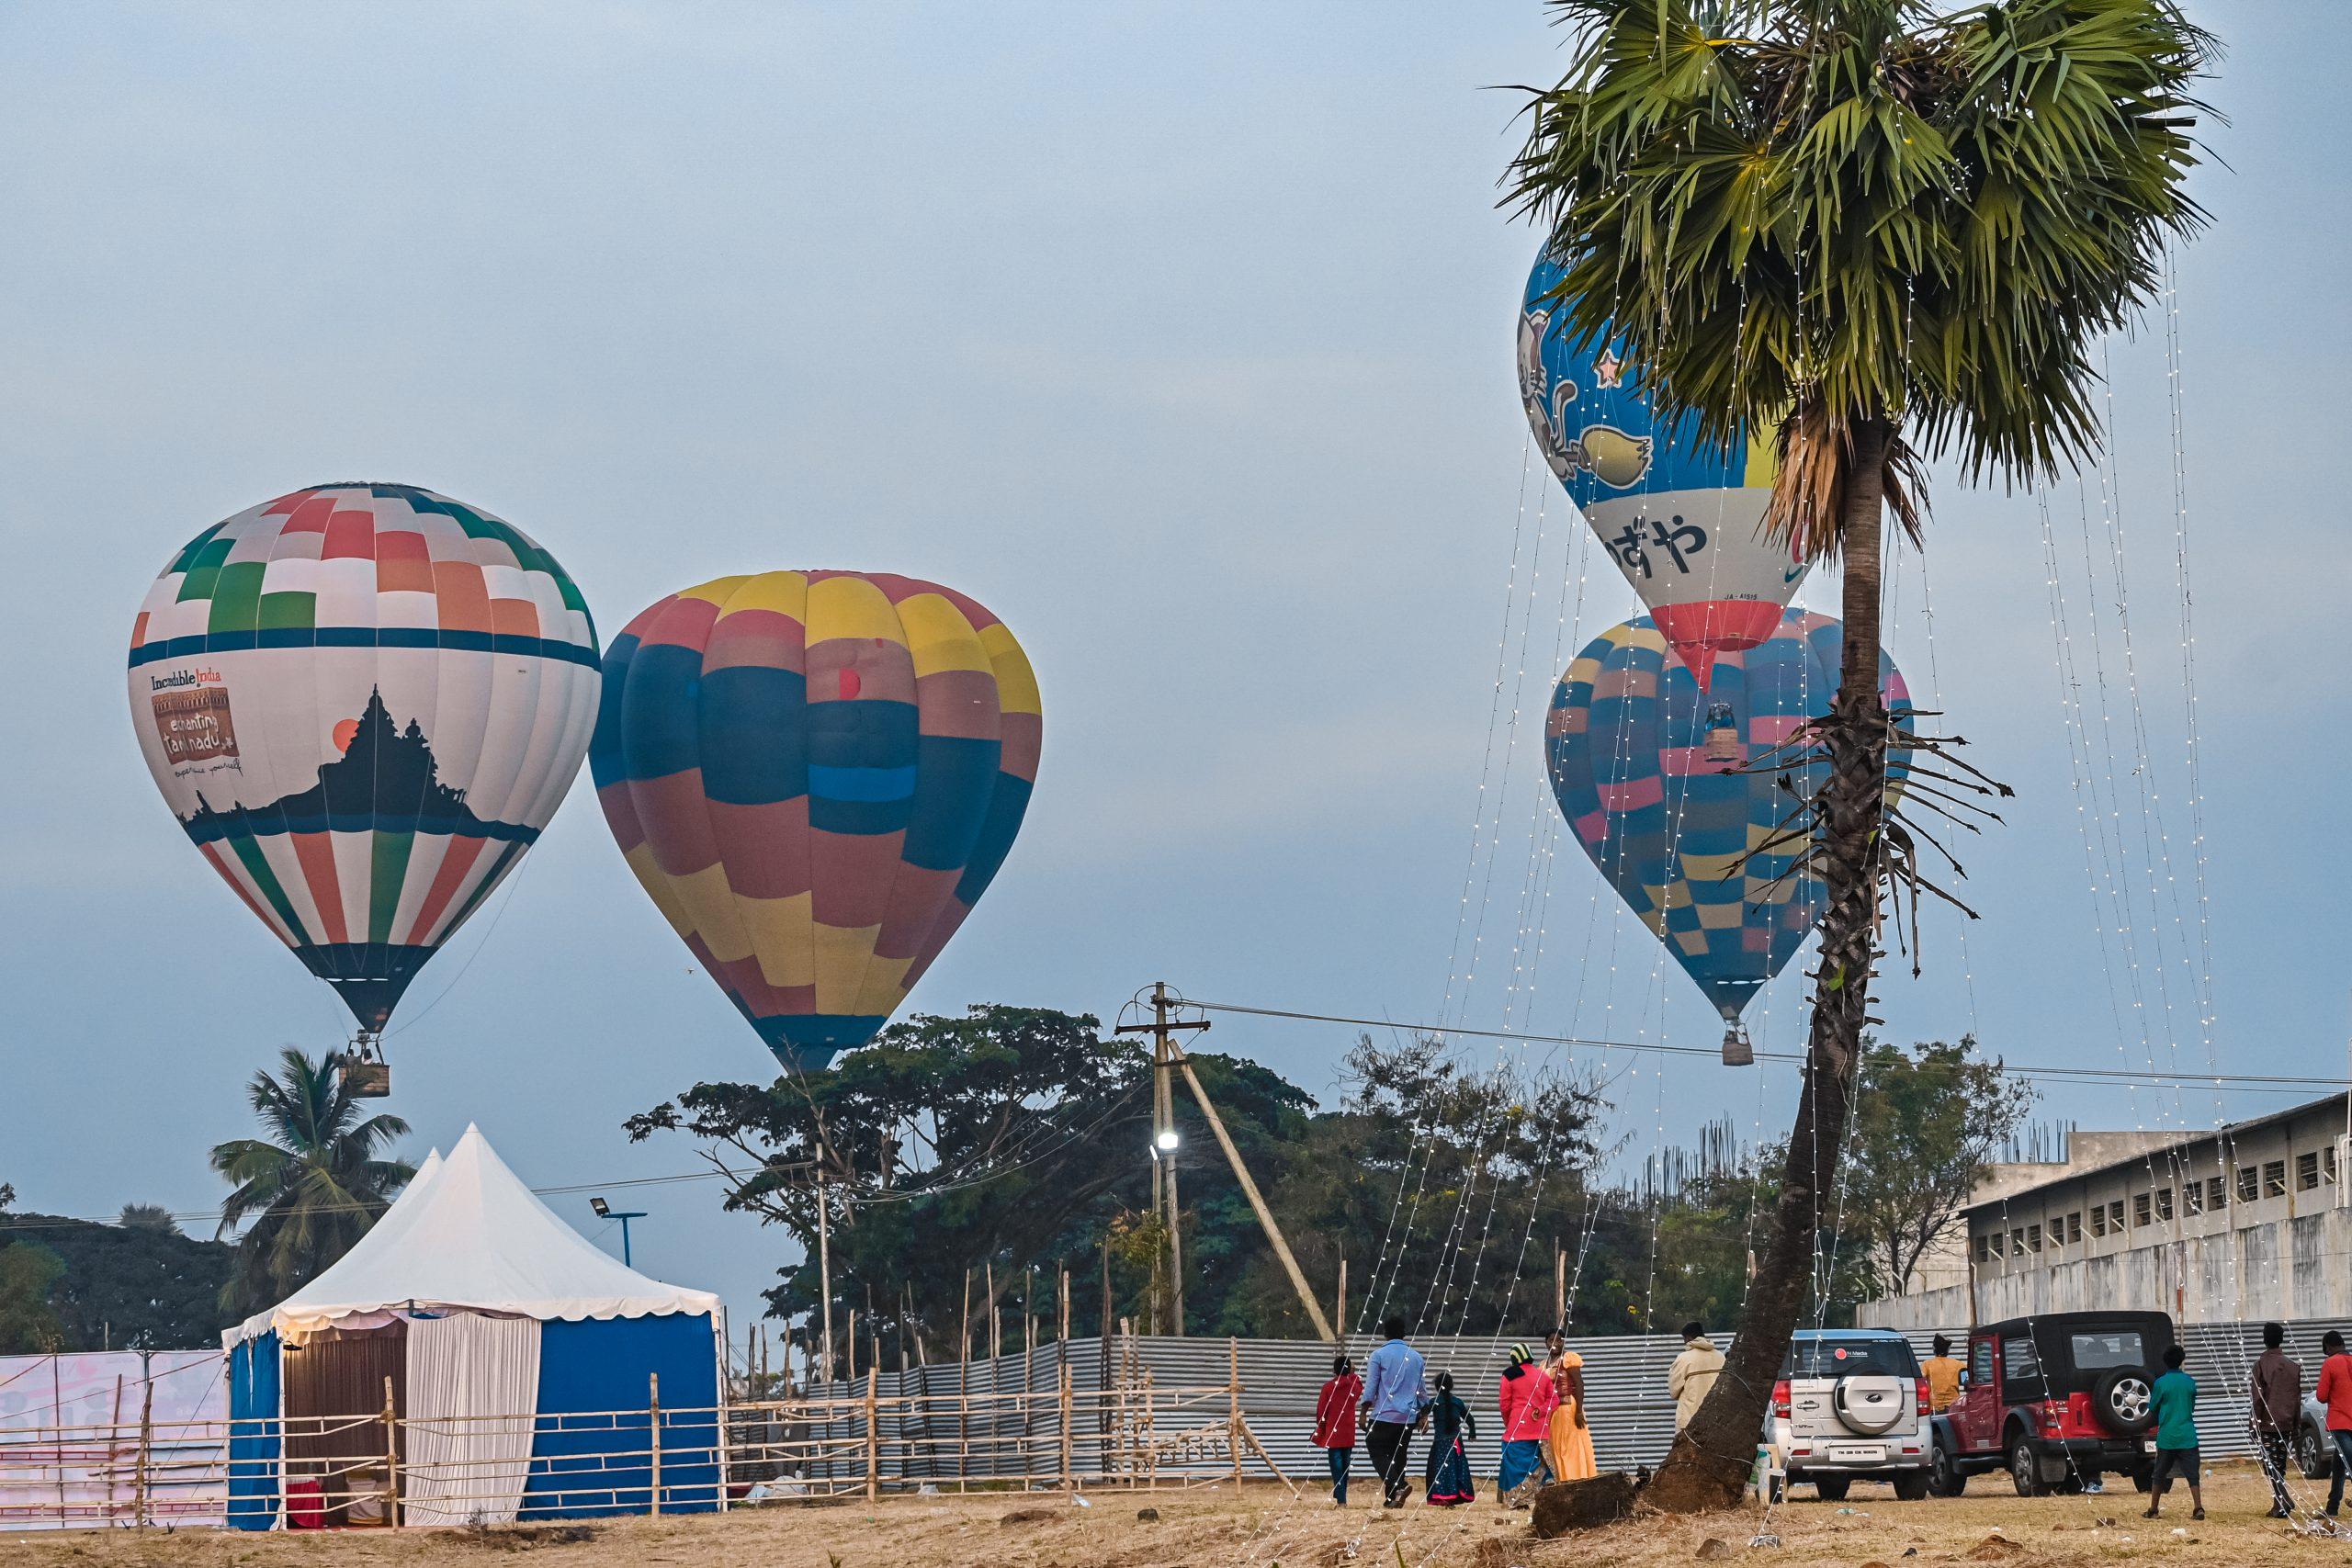 Adventure on hot air balloon